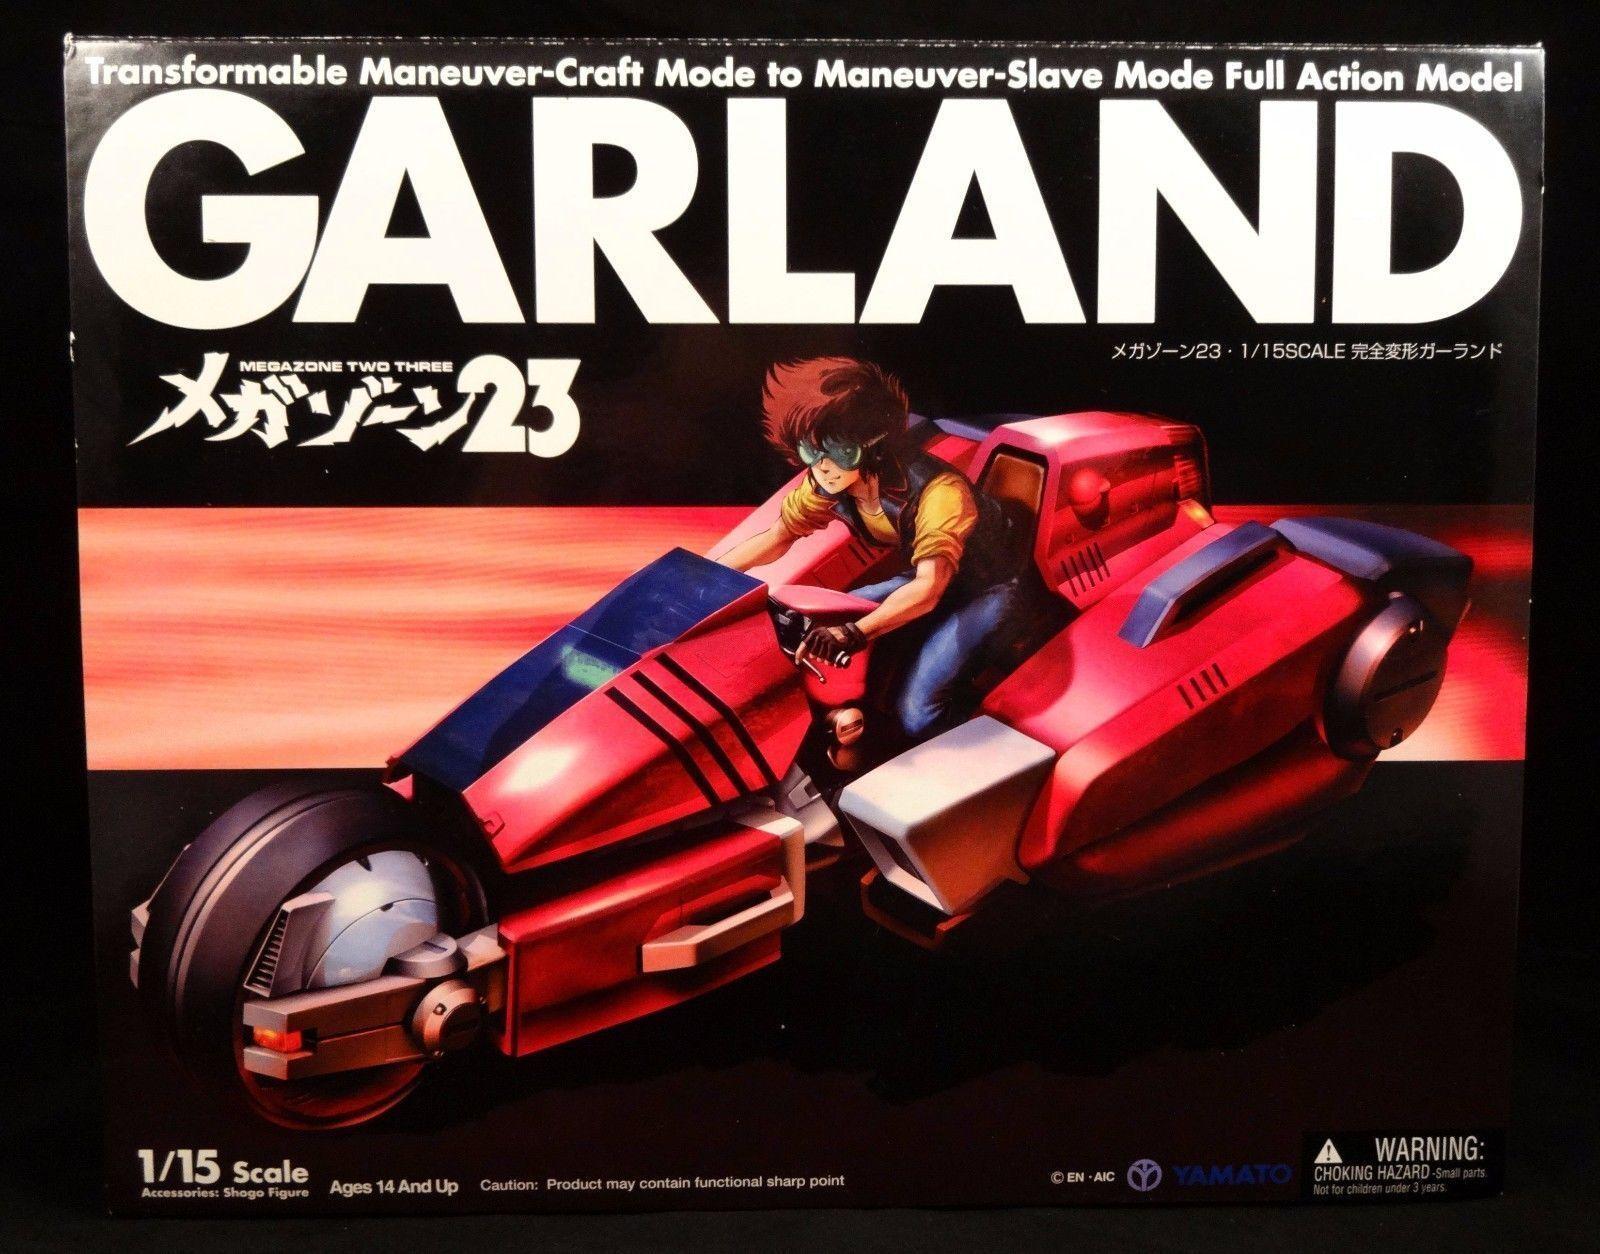 Yamato Mega Zone 23 Megazone Megazone Megazone 1 15 Complete Deformation Garland Figure New ecb274